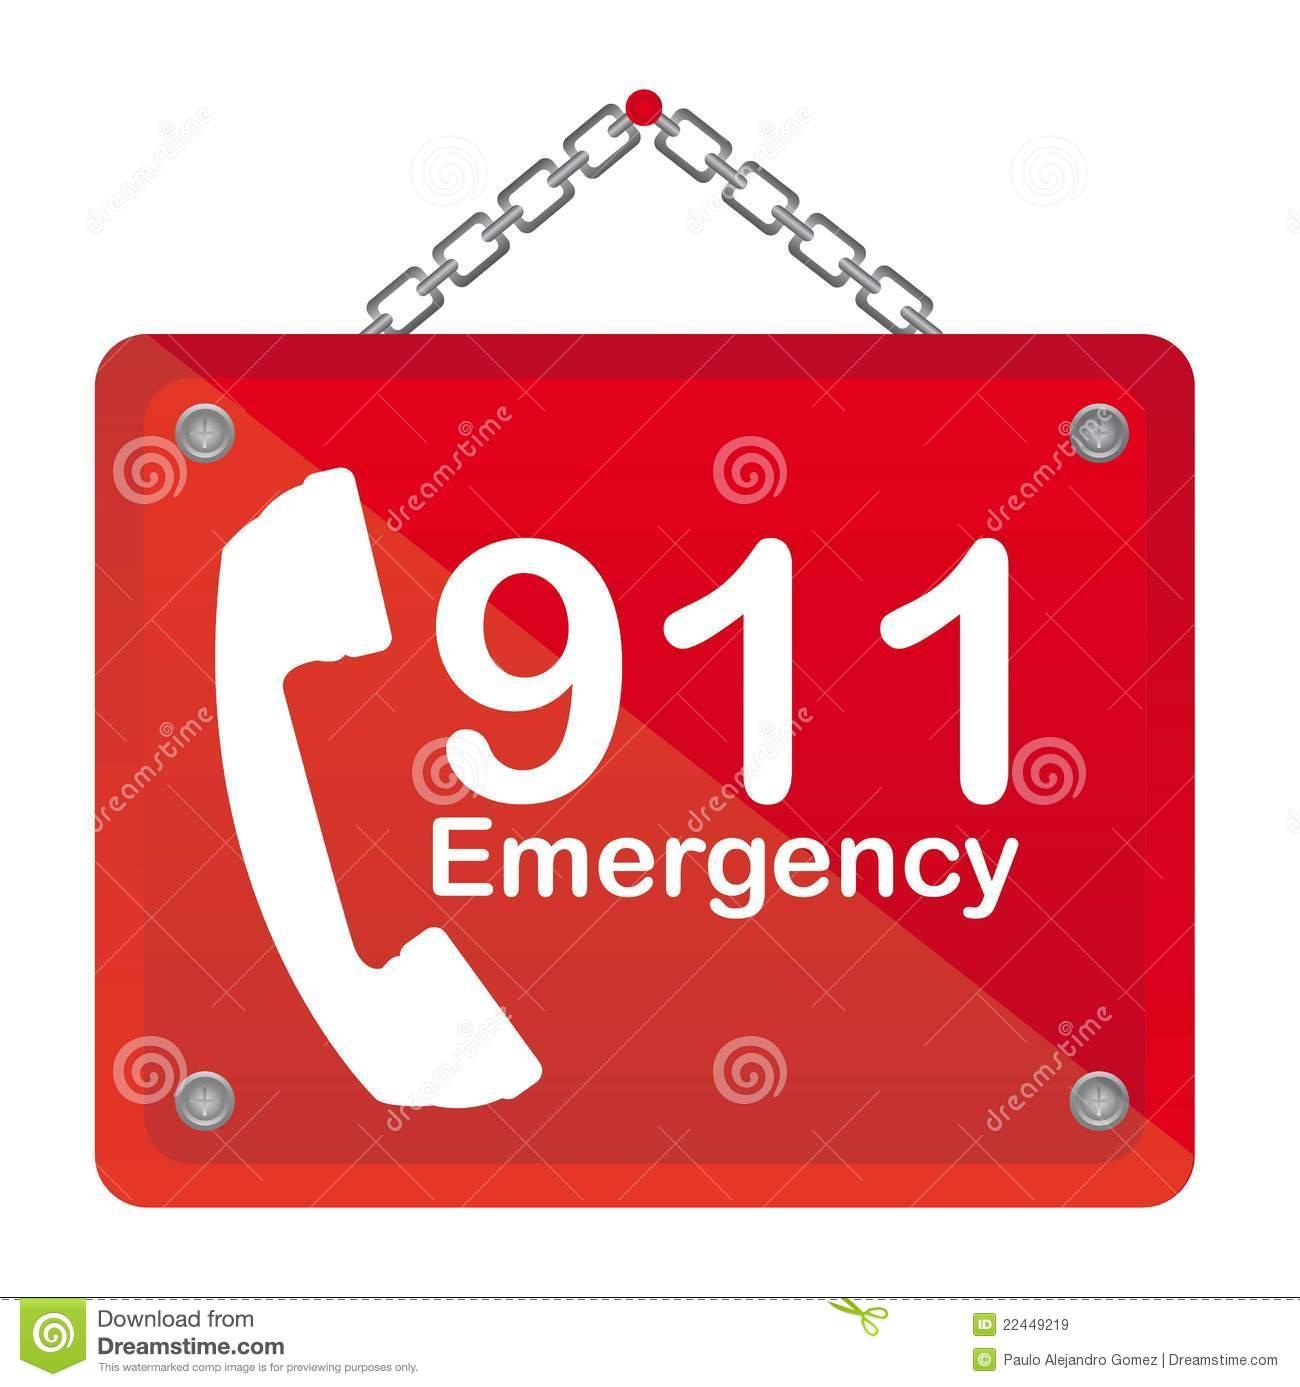 Ragazza chiama il 911 e spiega che un ragazzo sta morendo dissanguato, l' operatore risponde di vedersela da sola